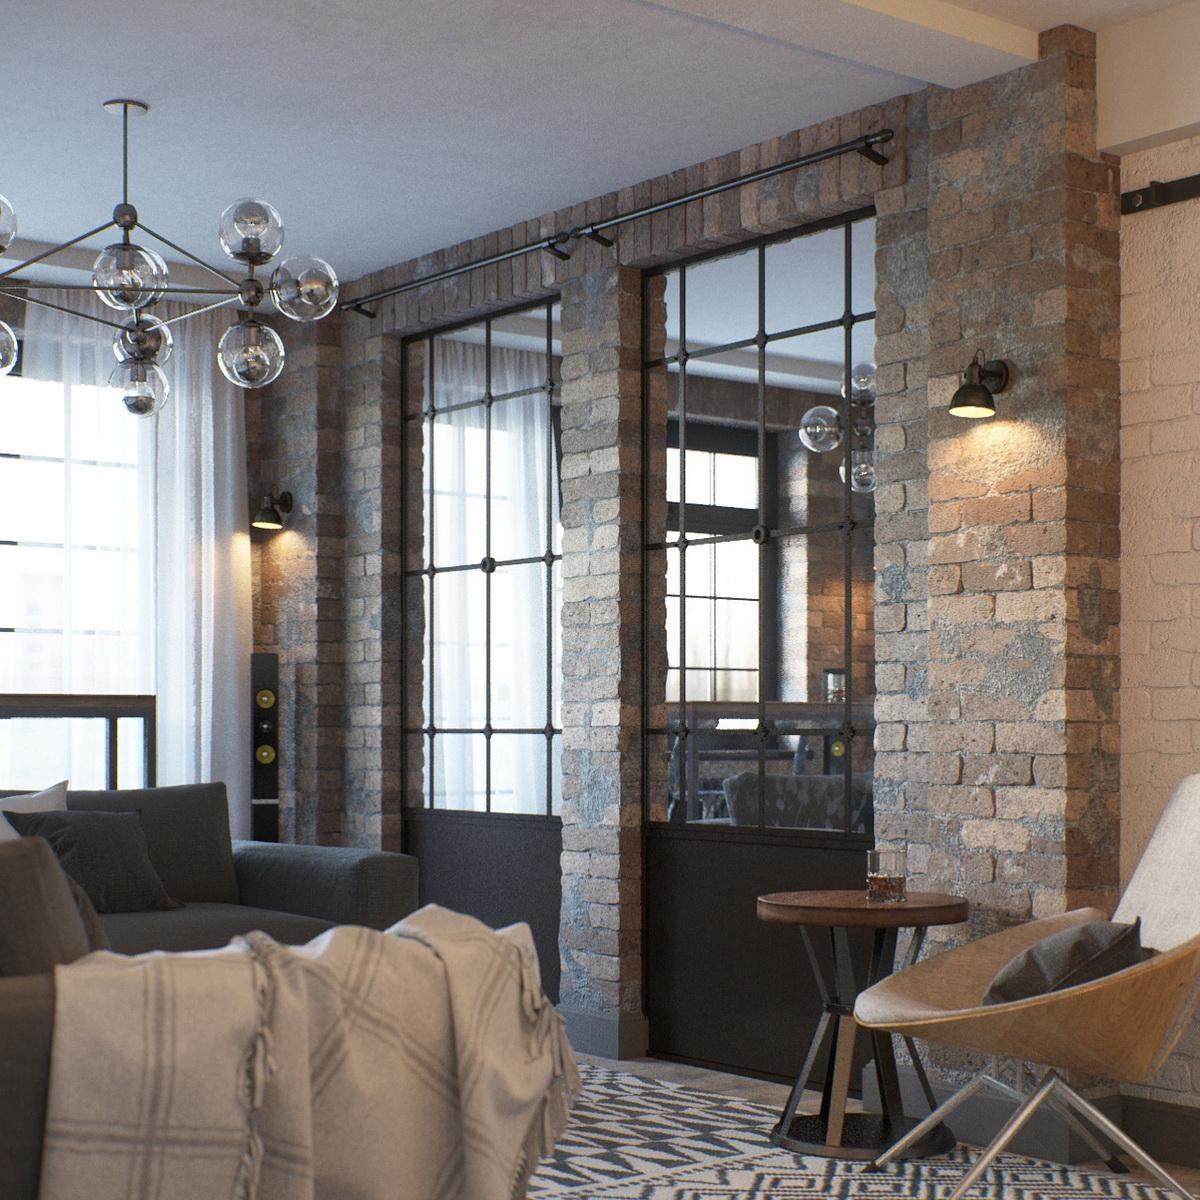 Projects propuesta de dise o de apartamento tipo loft - Loft de diseno ...